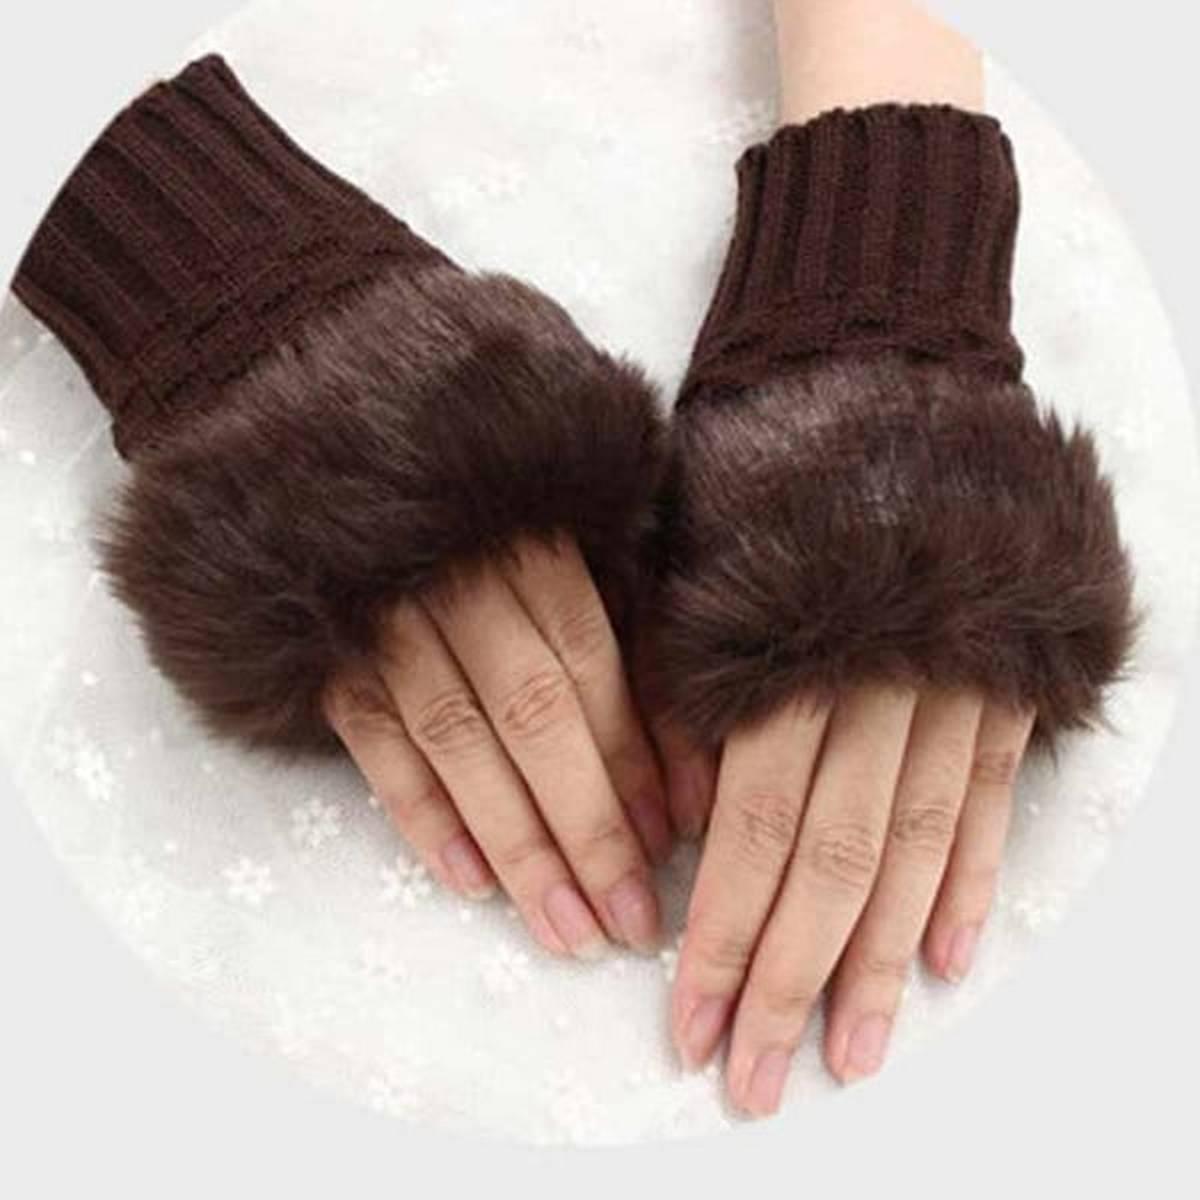 Wool Gloves Fancy Winter Women Grils wool glovs Gloves Knitting Woo wool glovs l Keep Warm Short Mitten Fingerless Lady Girl Half Finger Gloves Rabbit Lady hand Gloves KAAA1082